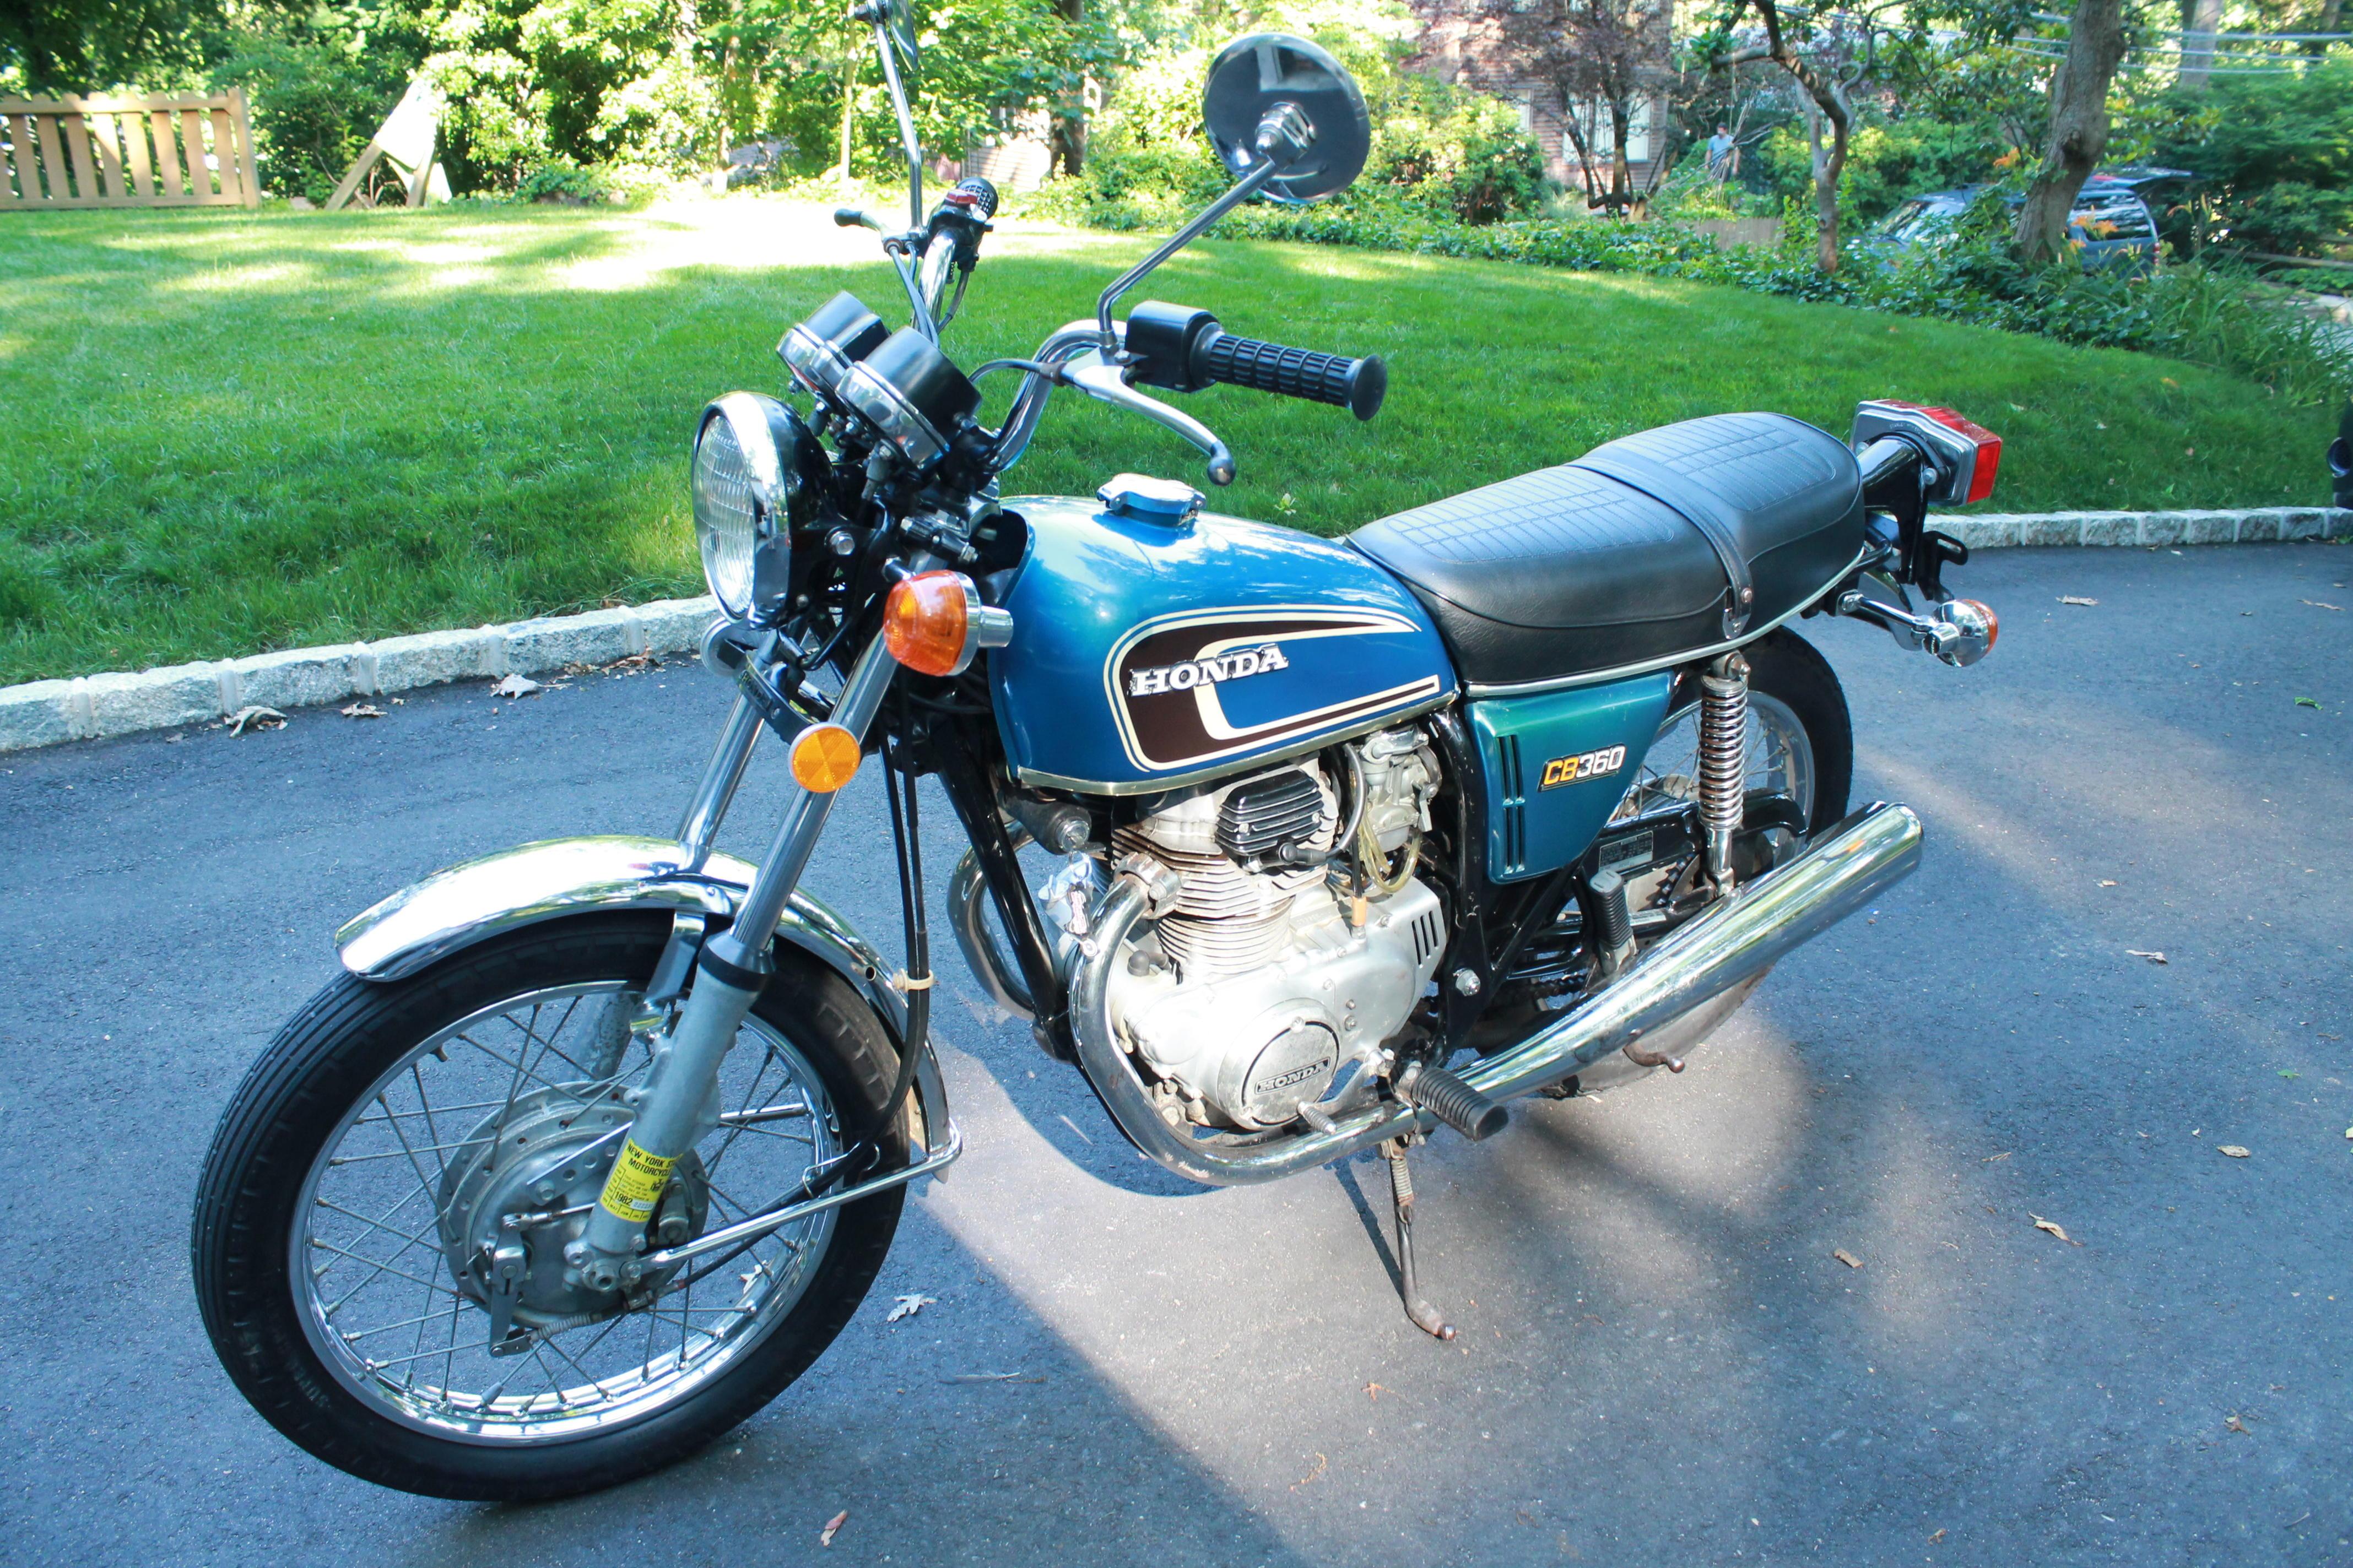 1974 cb360 img_5543 jpg